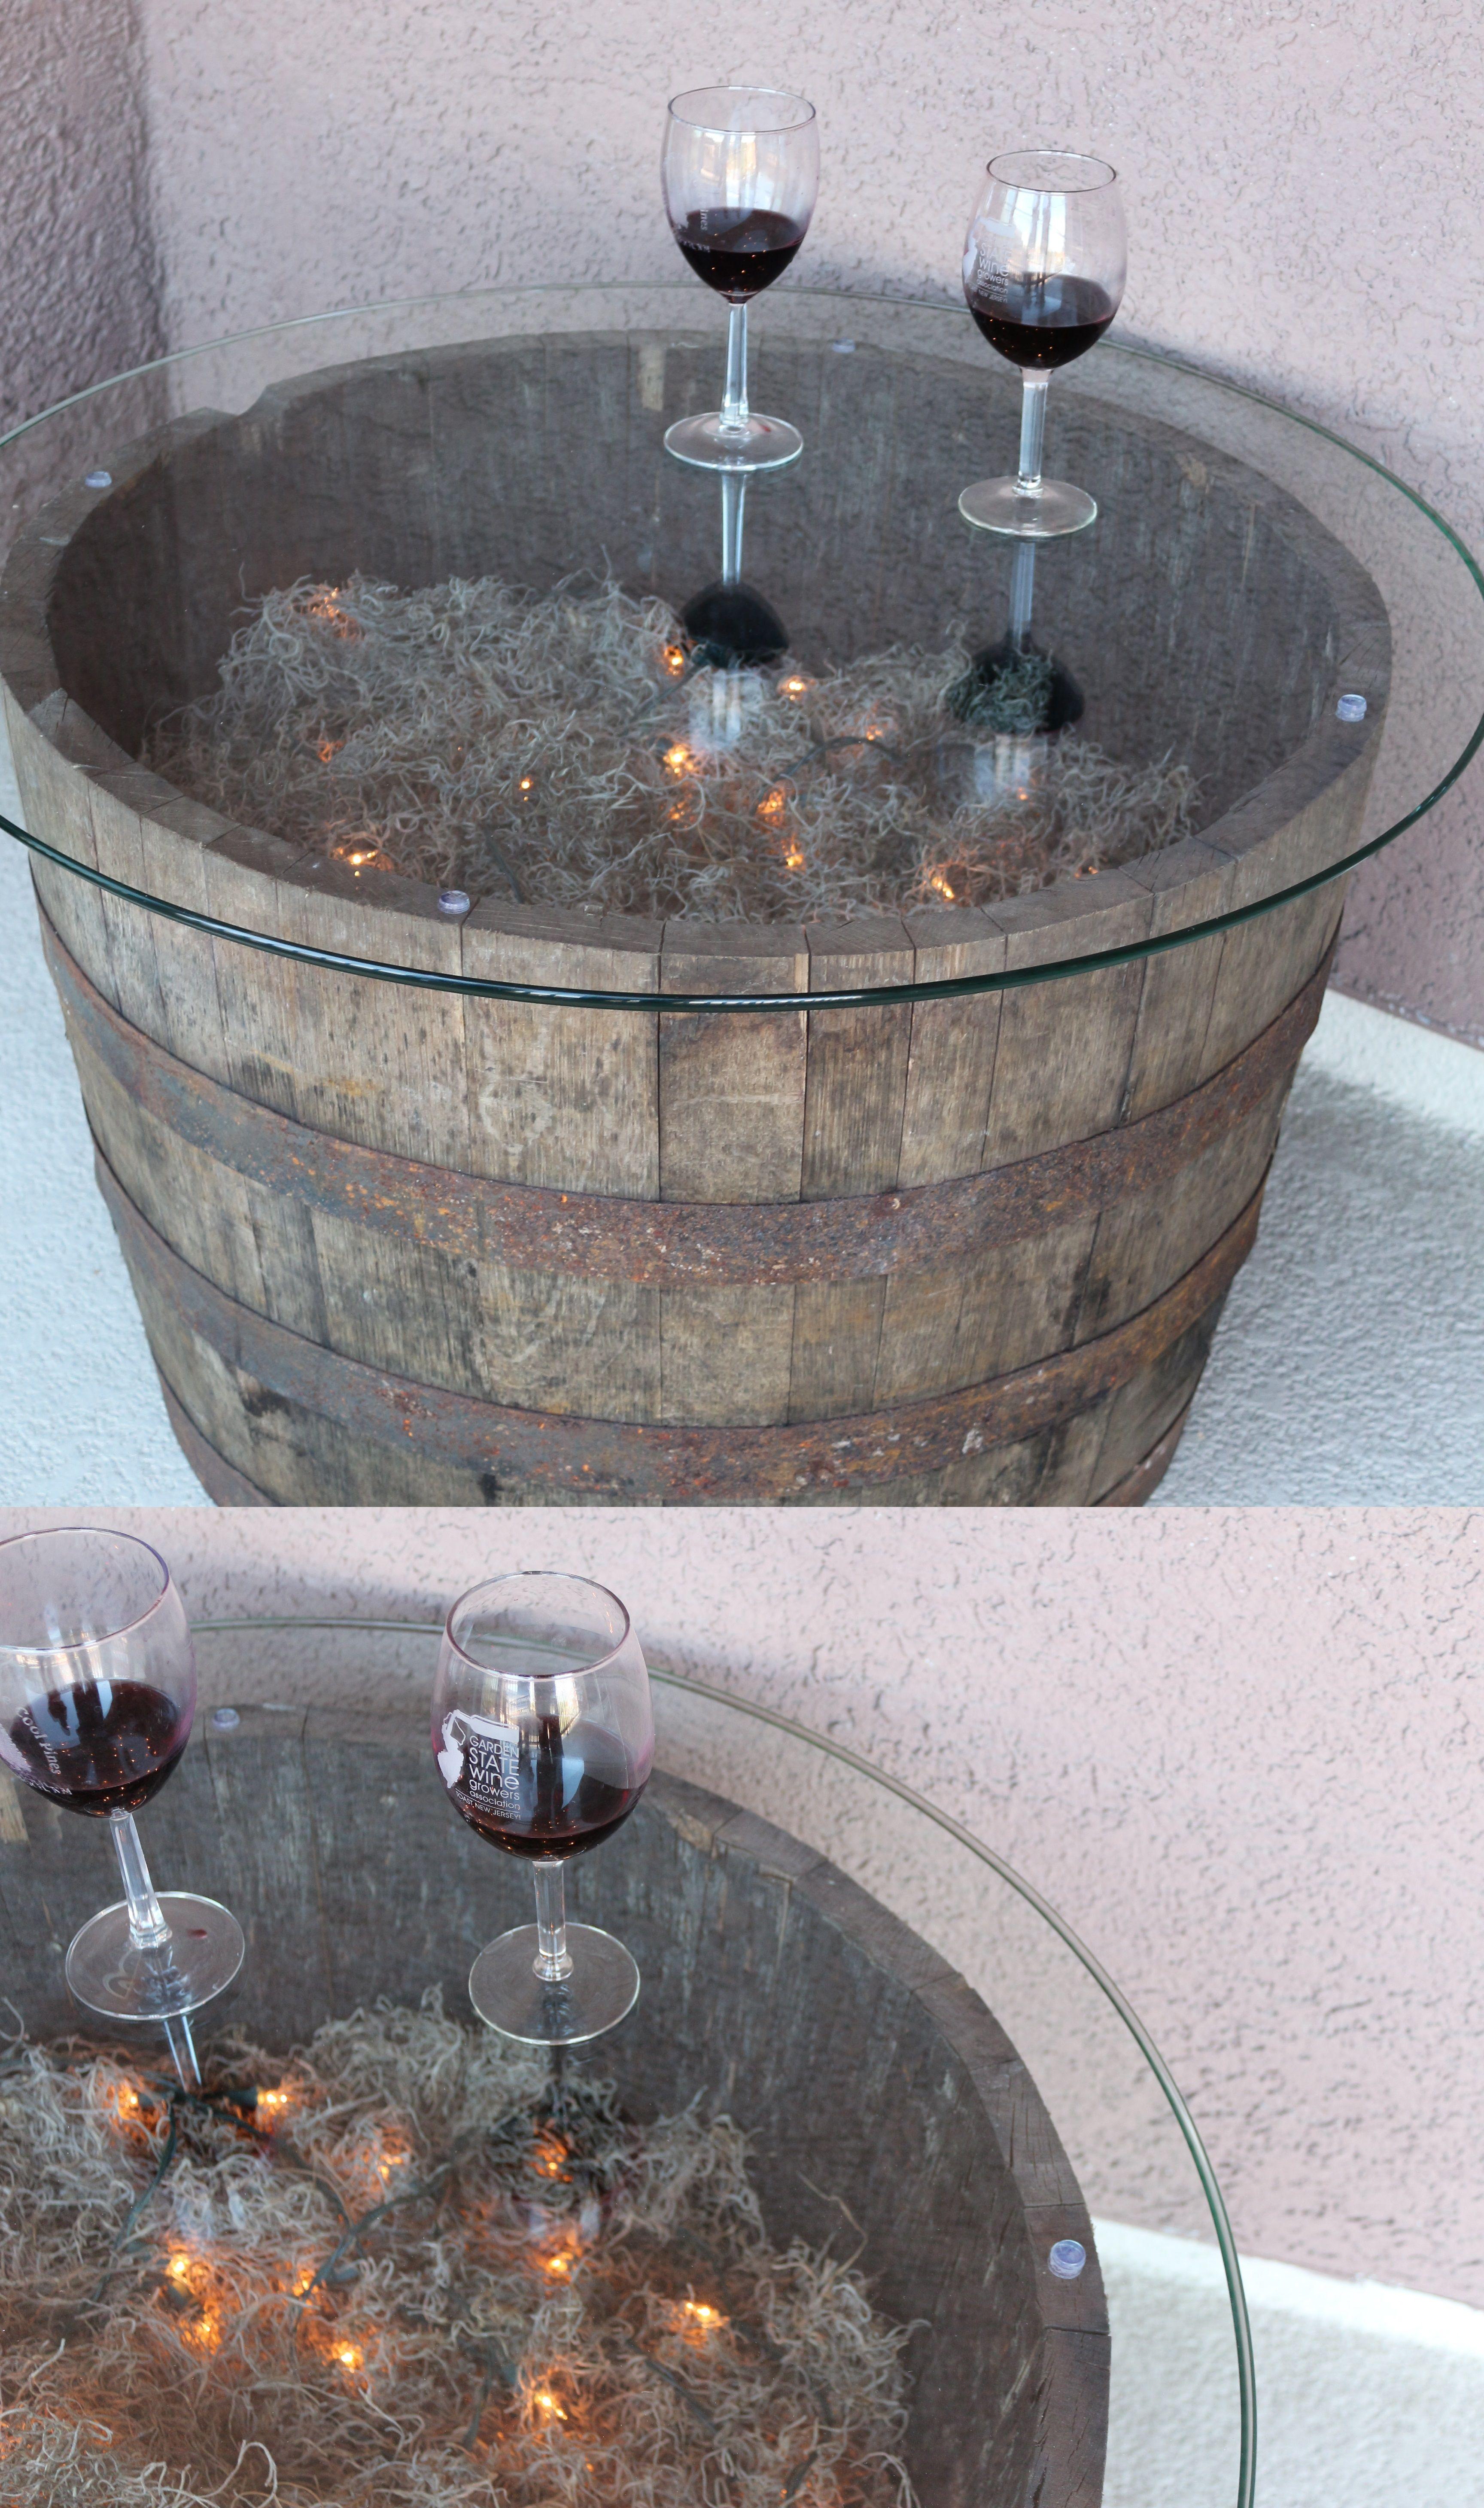 Idee per arredamento con botti in legno usate kert for Botti in legno per arredamento